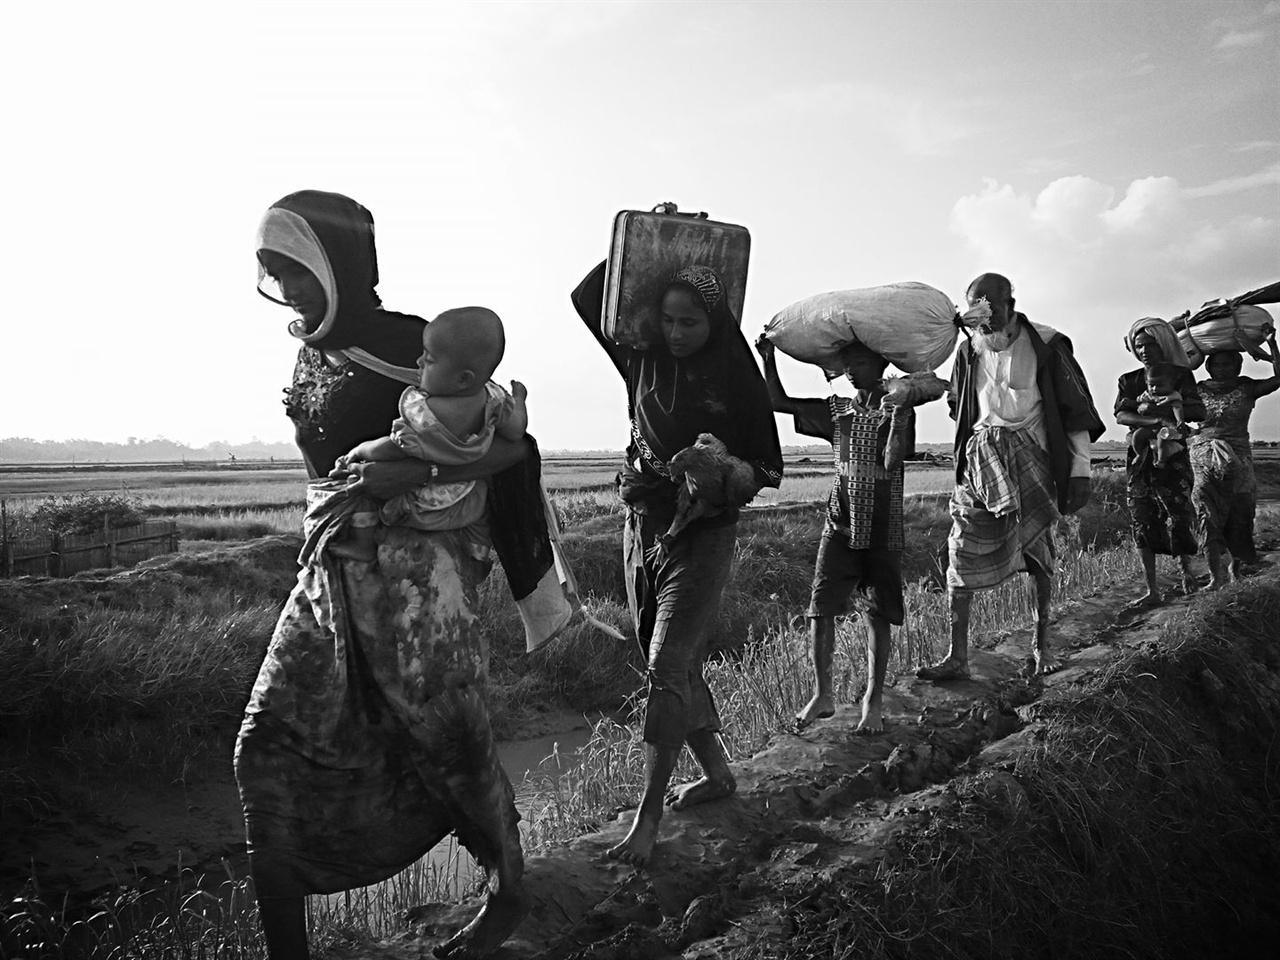 방글라데시 국경을 넘는 로힝야 난민들 지난 8월 25일부터 자행된 미얀마 군부의 학살과 억압으로부터 월경하여 탈출하는 로힝야 난민들의 행렬입니다.